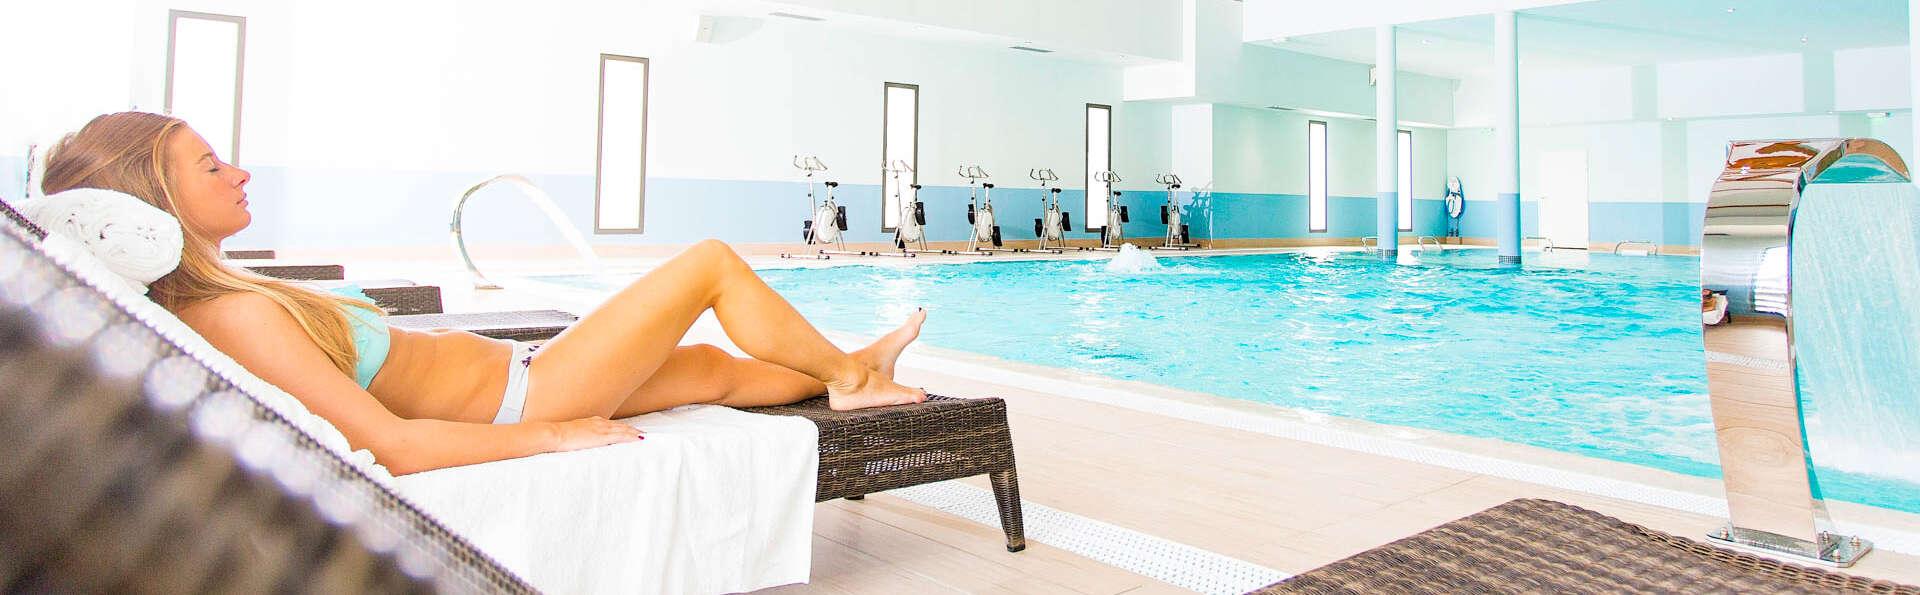 Séjour de rêve avec massage et dîner aux portes de Montpellier (A partir de 2 nuits)